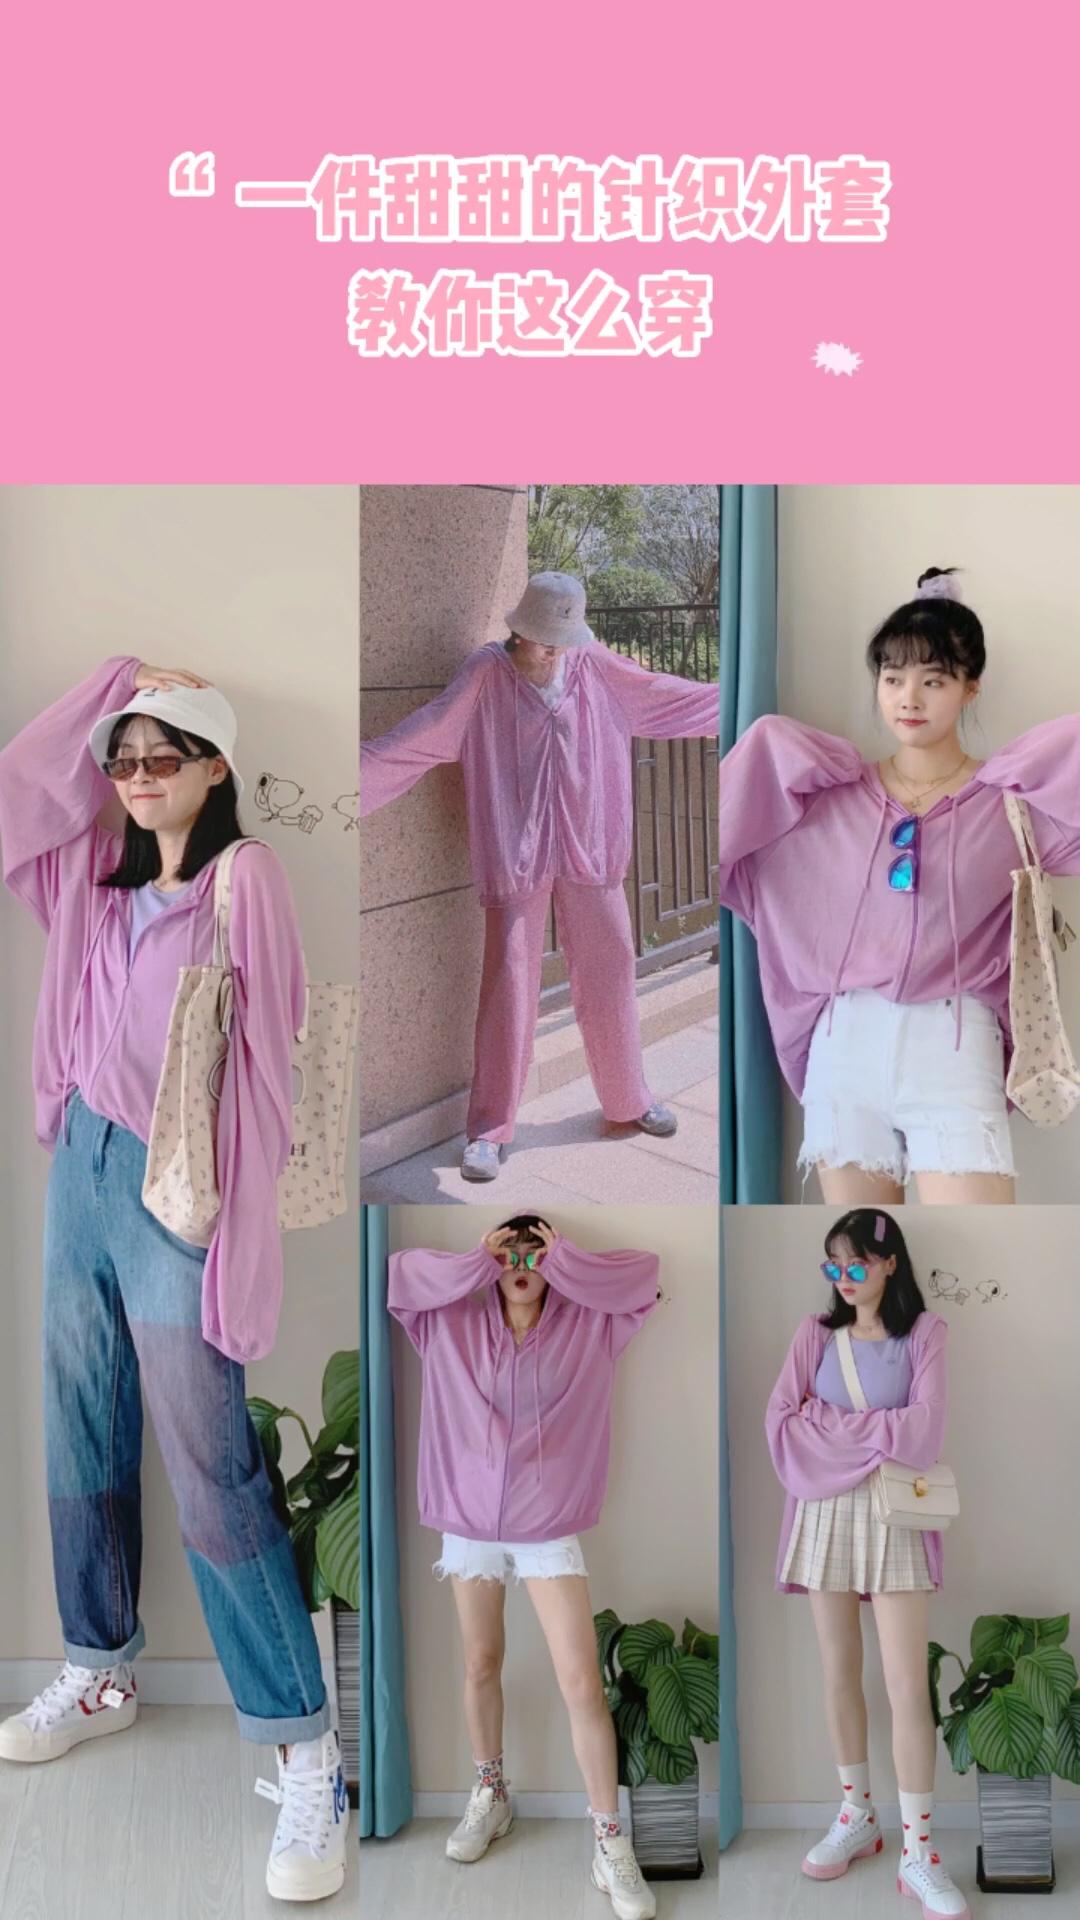 初秋想要甜甜的,应该怎么穿呢? 一件玫紫色的长袖针织衫,薄款微透的面料正适合初秋的天气,这几种穿搭你最喜欢哪种呢? #衣橱告急?一衣多穿解衣荒#